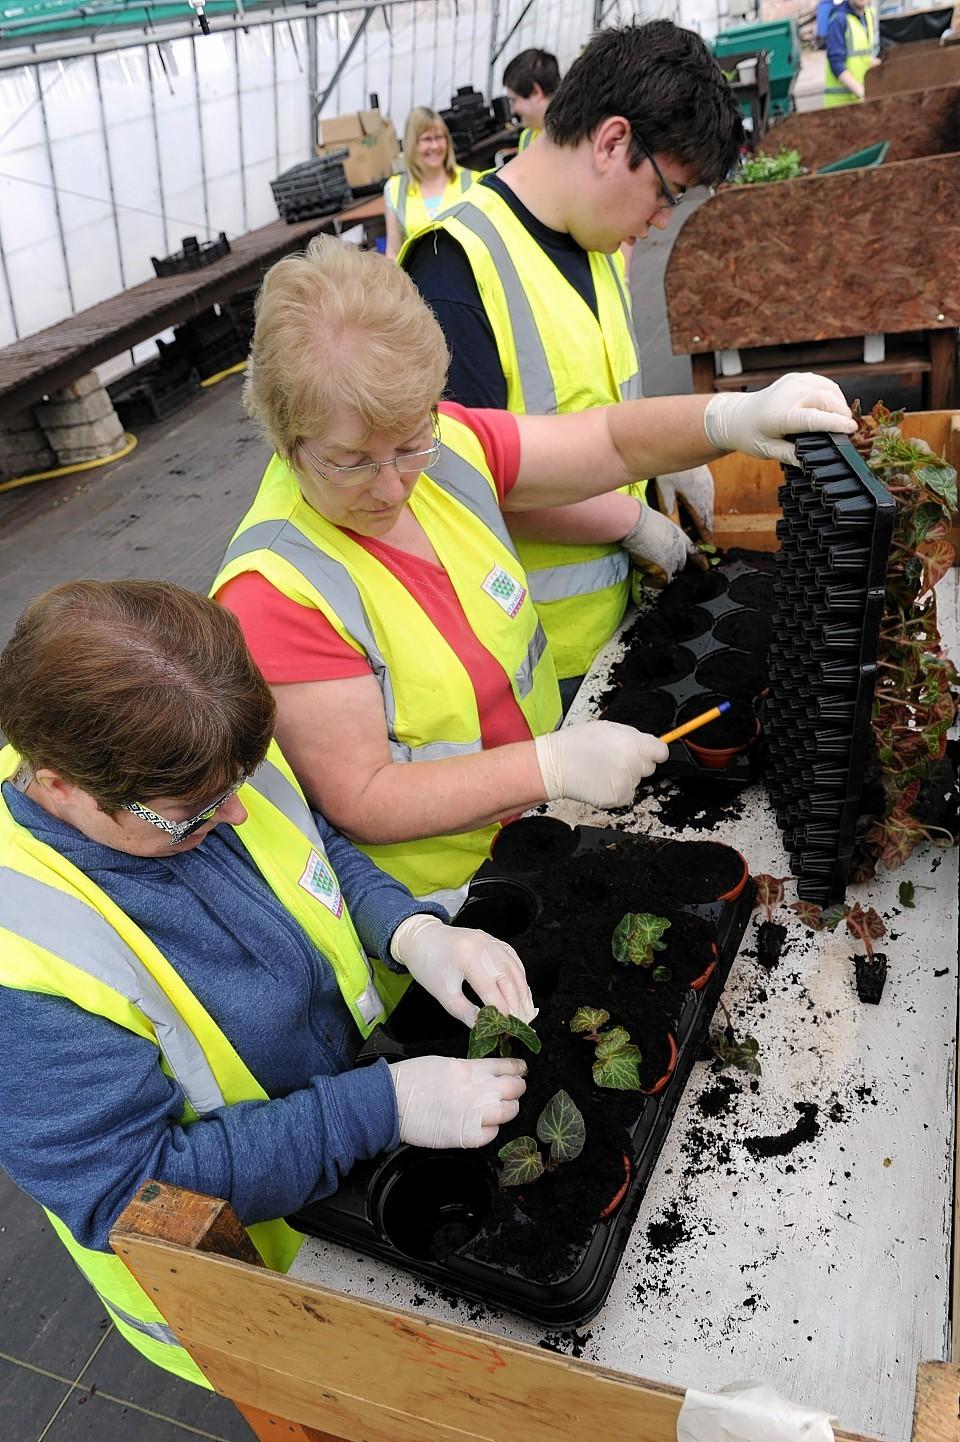 Gardeners set to work at the new Elgin garden